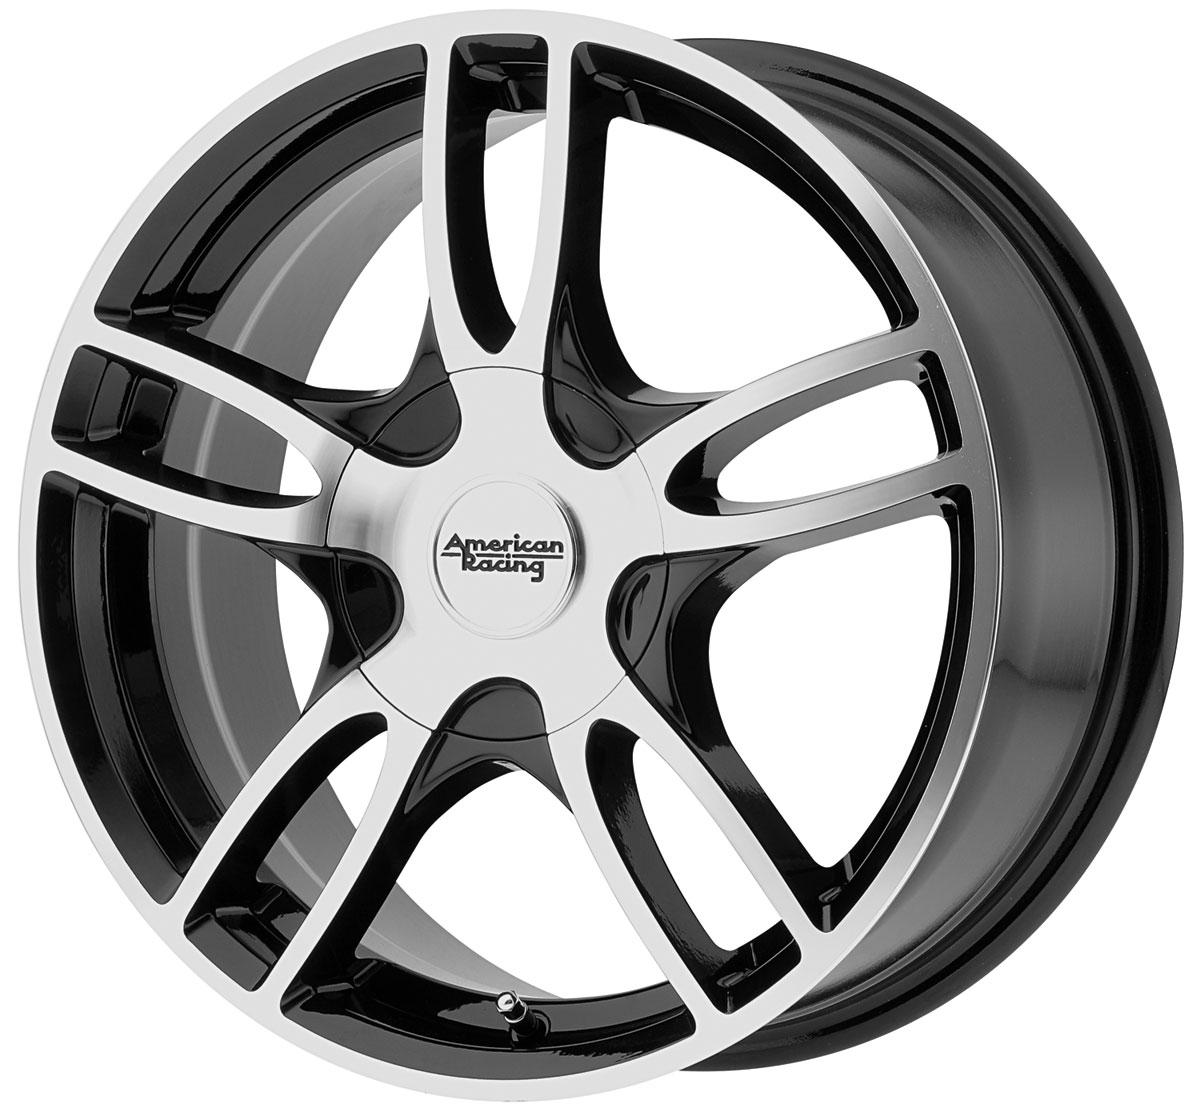 Wheel, American Racing, AR919 Estrella 2, 2003-2019 CAD, 17x7.5